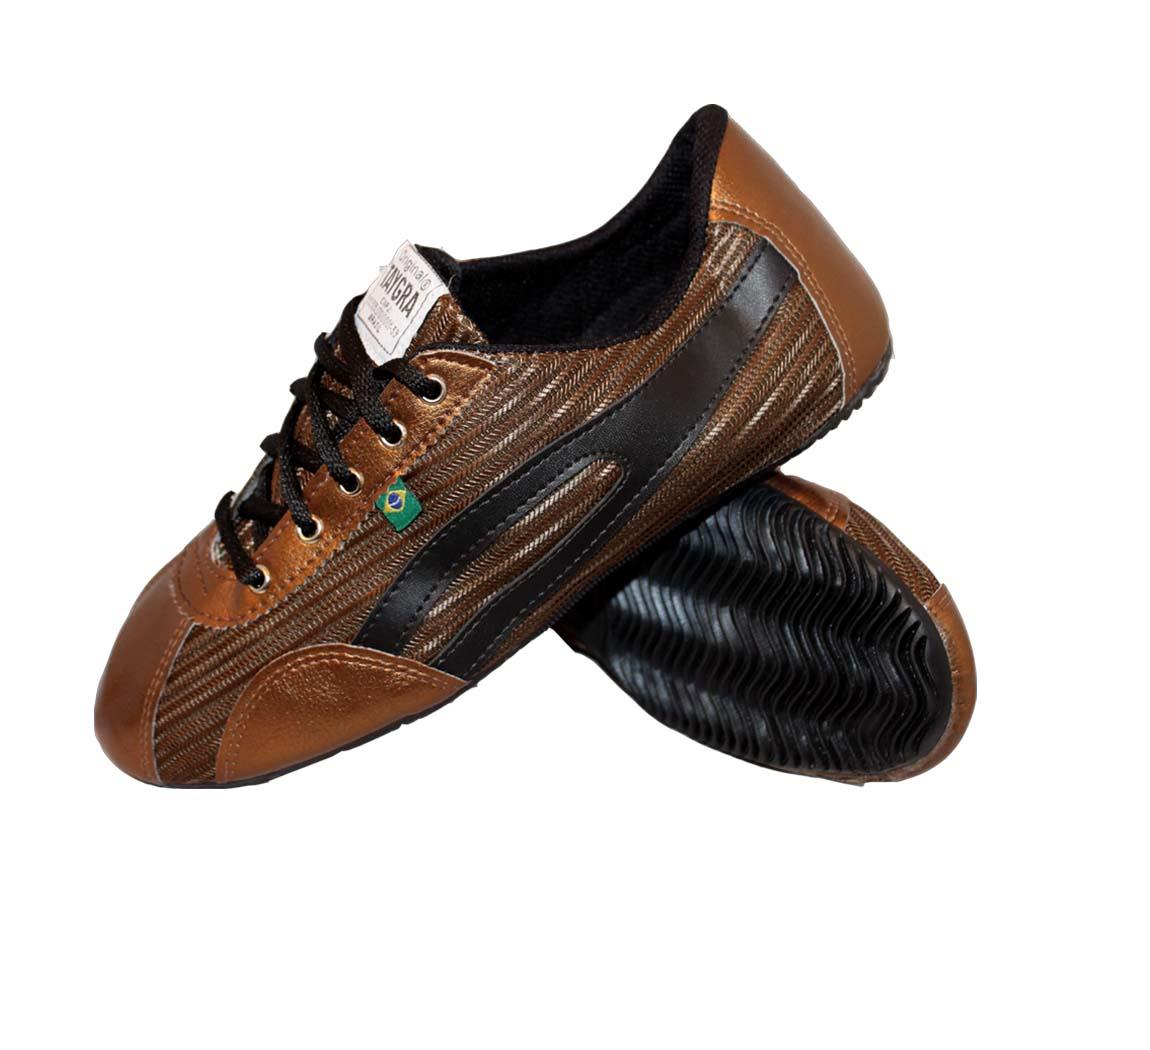 Chaussure Ethique Slim Bronze/Choco